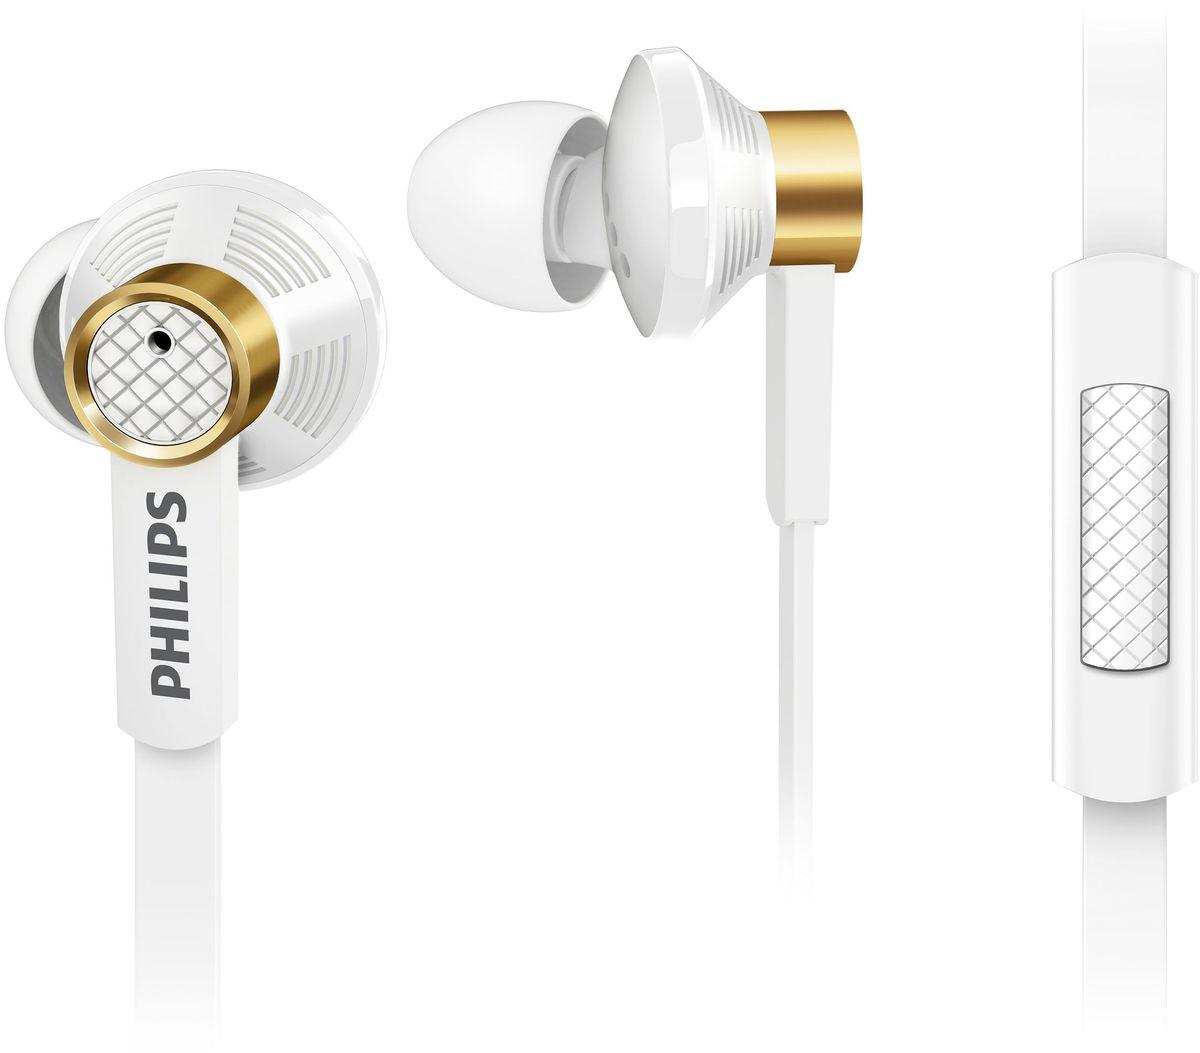 Philips TX2WT/00 наушники-вкладышиTX2WT/00Благодаря излучателям премиум-класса и овальным звуковым трубкам наушники Philips TX2 воспроизводяткристально чистый звук и насыщенные басы. Удобные мягкие насадки позволяют полностью погрузиться впрослушивание, а плоский кабель избавит вас от спутанных проводов.Встроенный микрофон для переключения между музыкой и вызовами:Благодаря встроенному микрофону можно легко переключаться между режимами разговора и прослушиваниямузыки и всегда оставаться на связи с теми, кто вам дорог.Три пары насадок на выбор для идеальной посадки:В комплект входят насадки 3 размеров (маленькие, средние и большие), чтобы вы могли выбрать подходящийвариант.Звукоизолирующие насадки не пропускают внешние шумы:Звукоизолирующие насадки блокируют внешние шумы, и вы можете наслаждаться музыкой без помех.Легкое медное кольцо сокращает вибрации и обеспечивает чистое и точное звучание.В результате обширных исследований, посвященных строению человеческого уха, была выбрана овальнаяформа звуковой трубки. Эргономичная форма подходит для любой формы уха, обеспечивает идеальнуюпосадку и комфорт, и вы можете наслаждаться музыкой сколько угодно.Гибридная конструкция для чистого звучания и насыщенных басов.Для обеспечения чистого звука и насыщенных басов в гибридной конструкции используются мощныенеодимовые магниты. Большие излучатели 13,5 мм в компактной вставке повышают качество звучания иобеспечивают непревзойденный комфорт.Прочный сгиб кабеля повышает прочность и удобство подключения.Мягкий резиновый сгиб предотвращает повреждение контактов при многократном сгибании кабеля ипродлевает срок службы наушников.Благодаря плоской форме кабель не спутывается. Стильный переключатель на кабеле предназначен дляудобства в дороге.Невероятно легкая звуковая катушка расширяет диапазон воспроизведения высоких частот, она крепится к излучателю, и под воздействием проходящего через нее токаи магнитного поля возникает движущая сила. Поскольку подвижные части излучателя должны имет